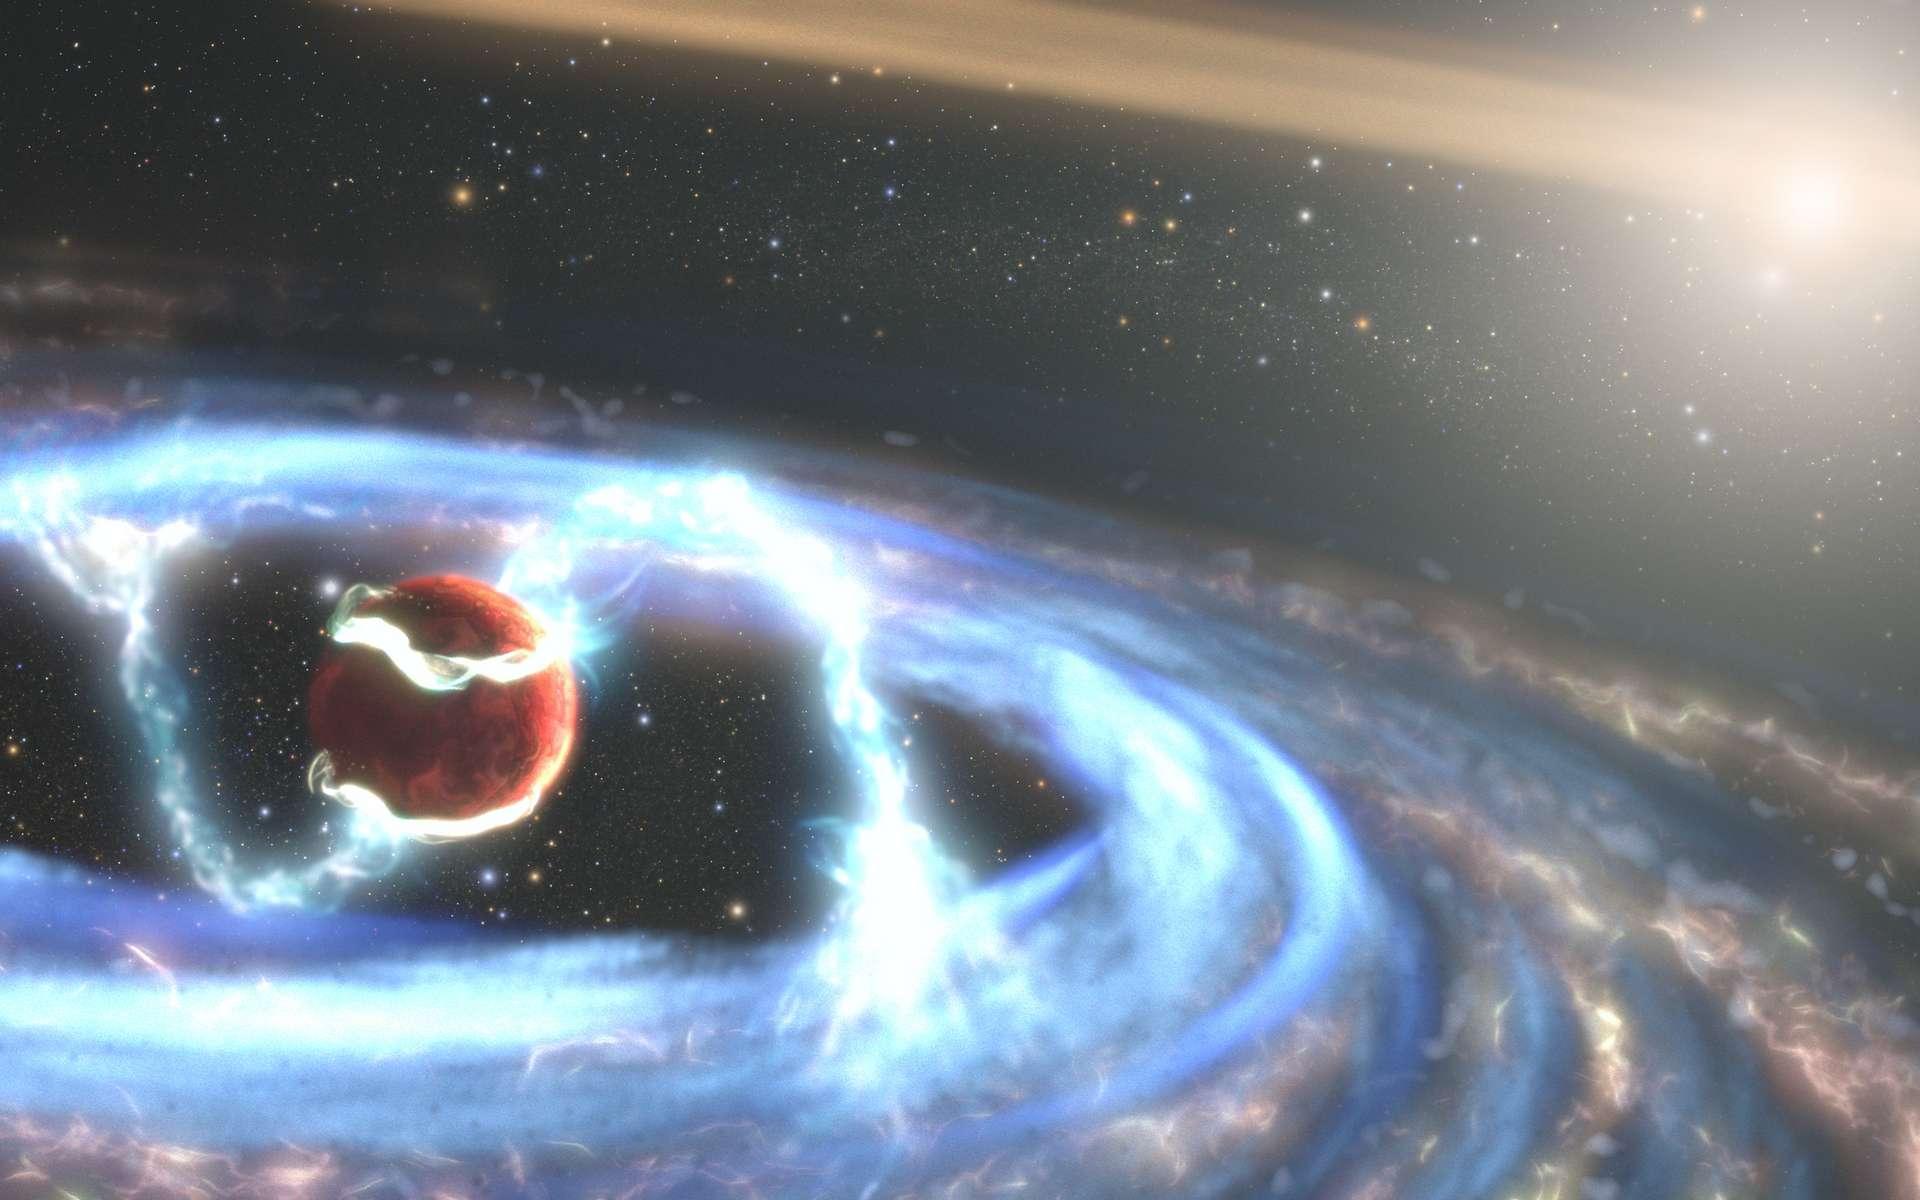 Des chercheurs ont exploité la sensibilité aux rayons ultraviolets du télescope spatial Hubble pour observer une exoplanète géante en formation. Sur cette vue d'artiste, le gaz extrêmement chaud qui tombe sur la planète, transporté par des lignes de champ magnétique de son disque circumplanétaire vers son atmosphère. © Nasa, ESA, STScI, Joseph Olmsted (STScI)